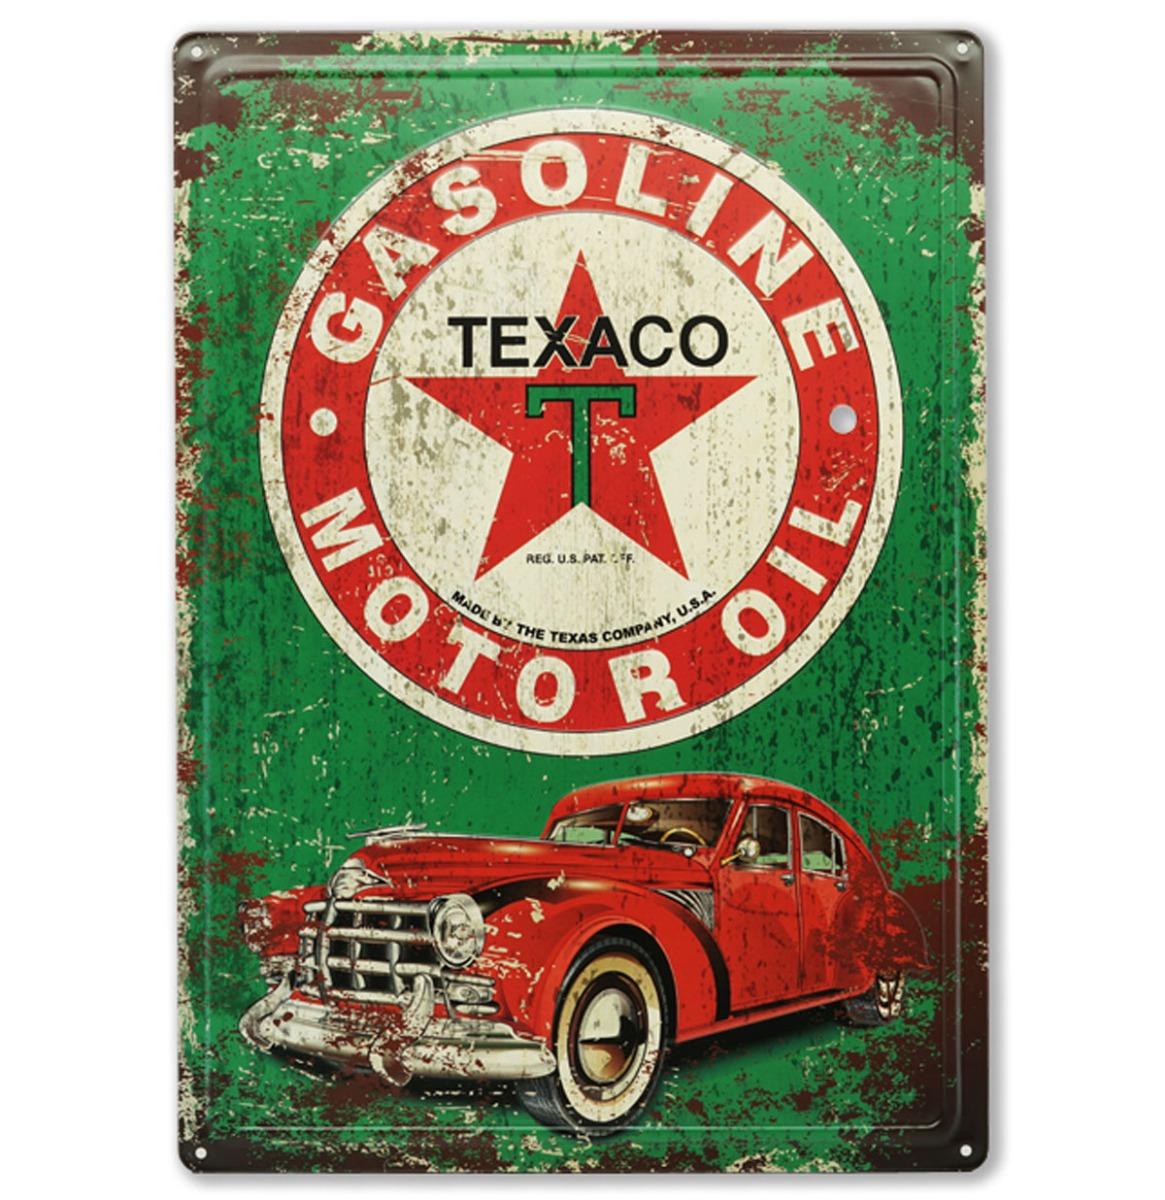 Texaco Gasoline Motor Oil Vintage Car Metalen Bord Met Reliëf 43 x 31 cm